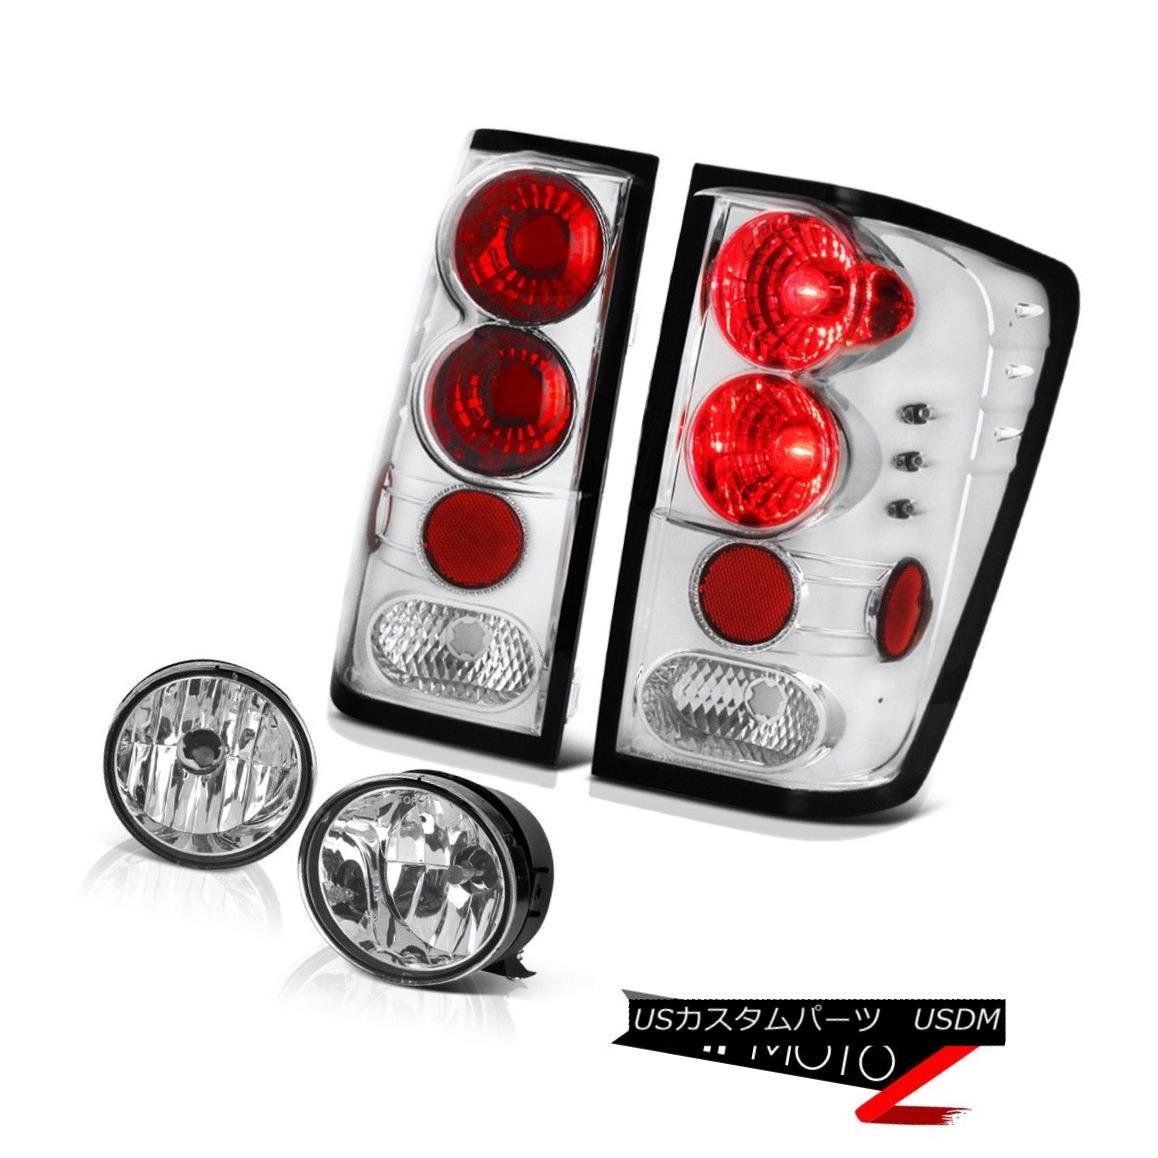 テールライト For 04-15 2008 09 10 11 12 13 2015 Titan SE Rear Brake Tail Light Fog Lamp 04-15 2008 09 10 11 12 13 2015タイタンSEリアブレーキテールライトフォグランプ